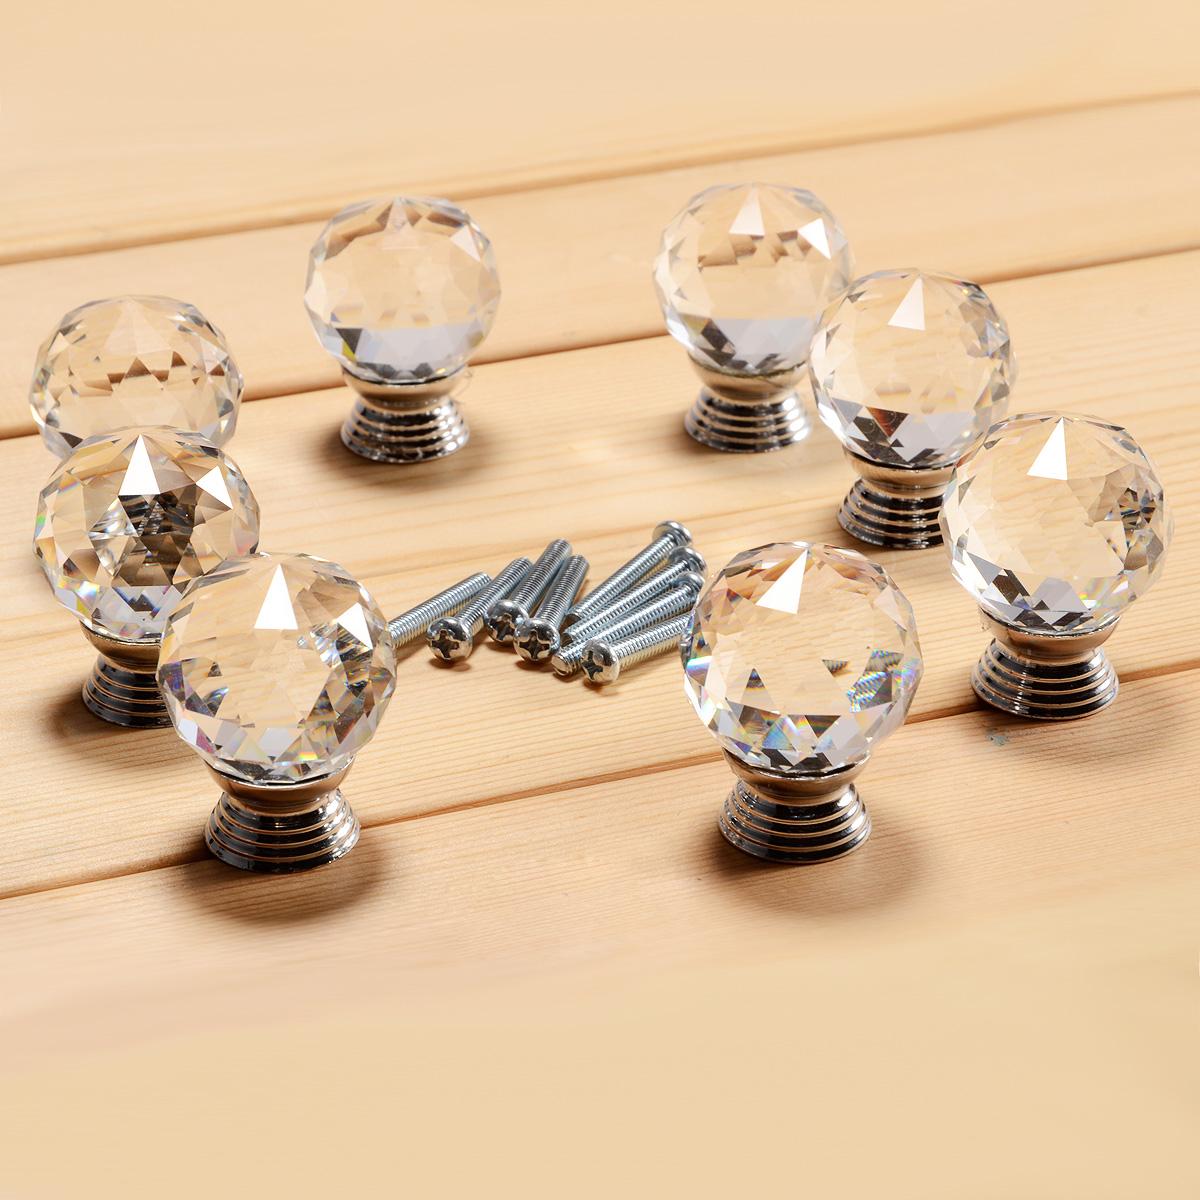 8 pomos tiradores para cajones puertas armarios del cristal plateado ebay - Tiradores para cajones ...